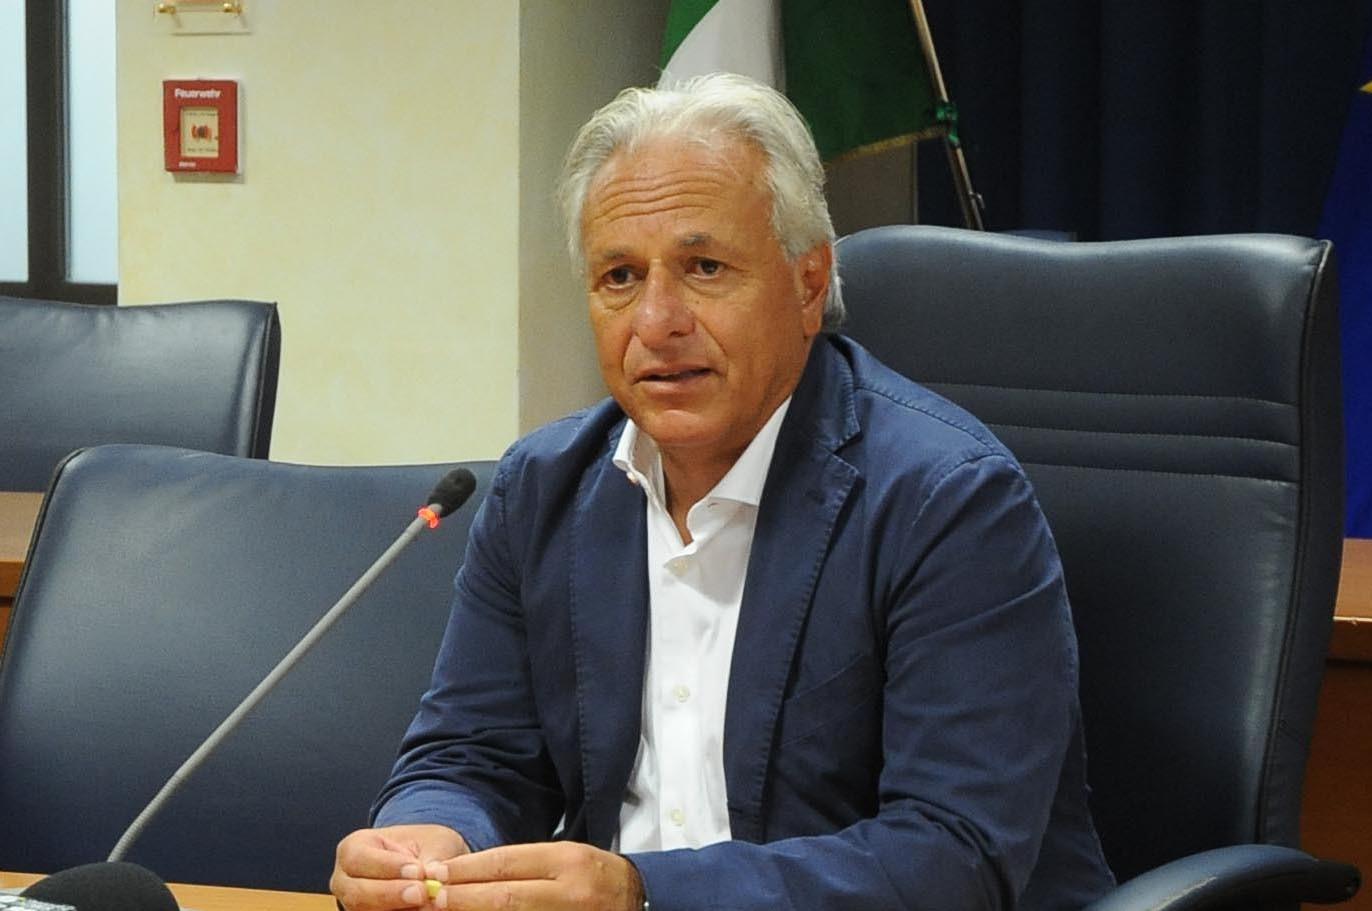 Nomina comandante Polizia municipale a Reggio CalabriaAssolto l'ex sindaco Arena, e i dirigenti Emilio e Priolo